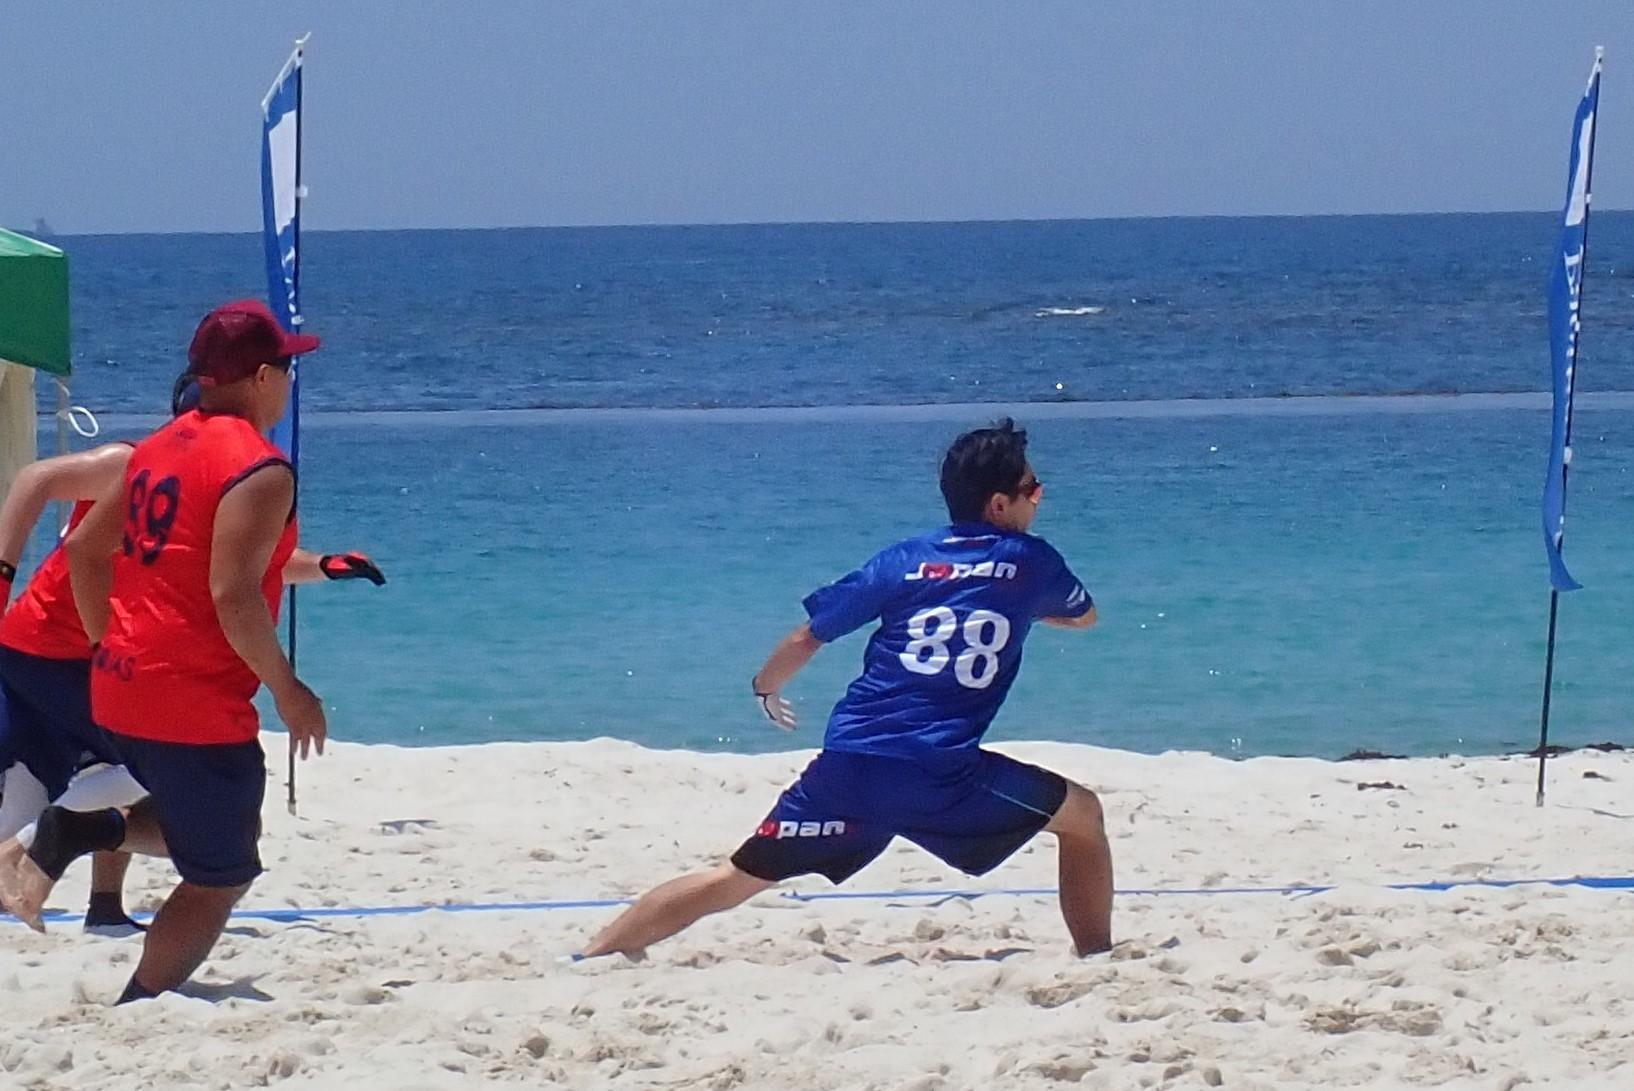 WFDF2019アジア・オセアニアビーチアルティメット選手権大会_f0164662_14022343.jpg